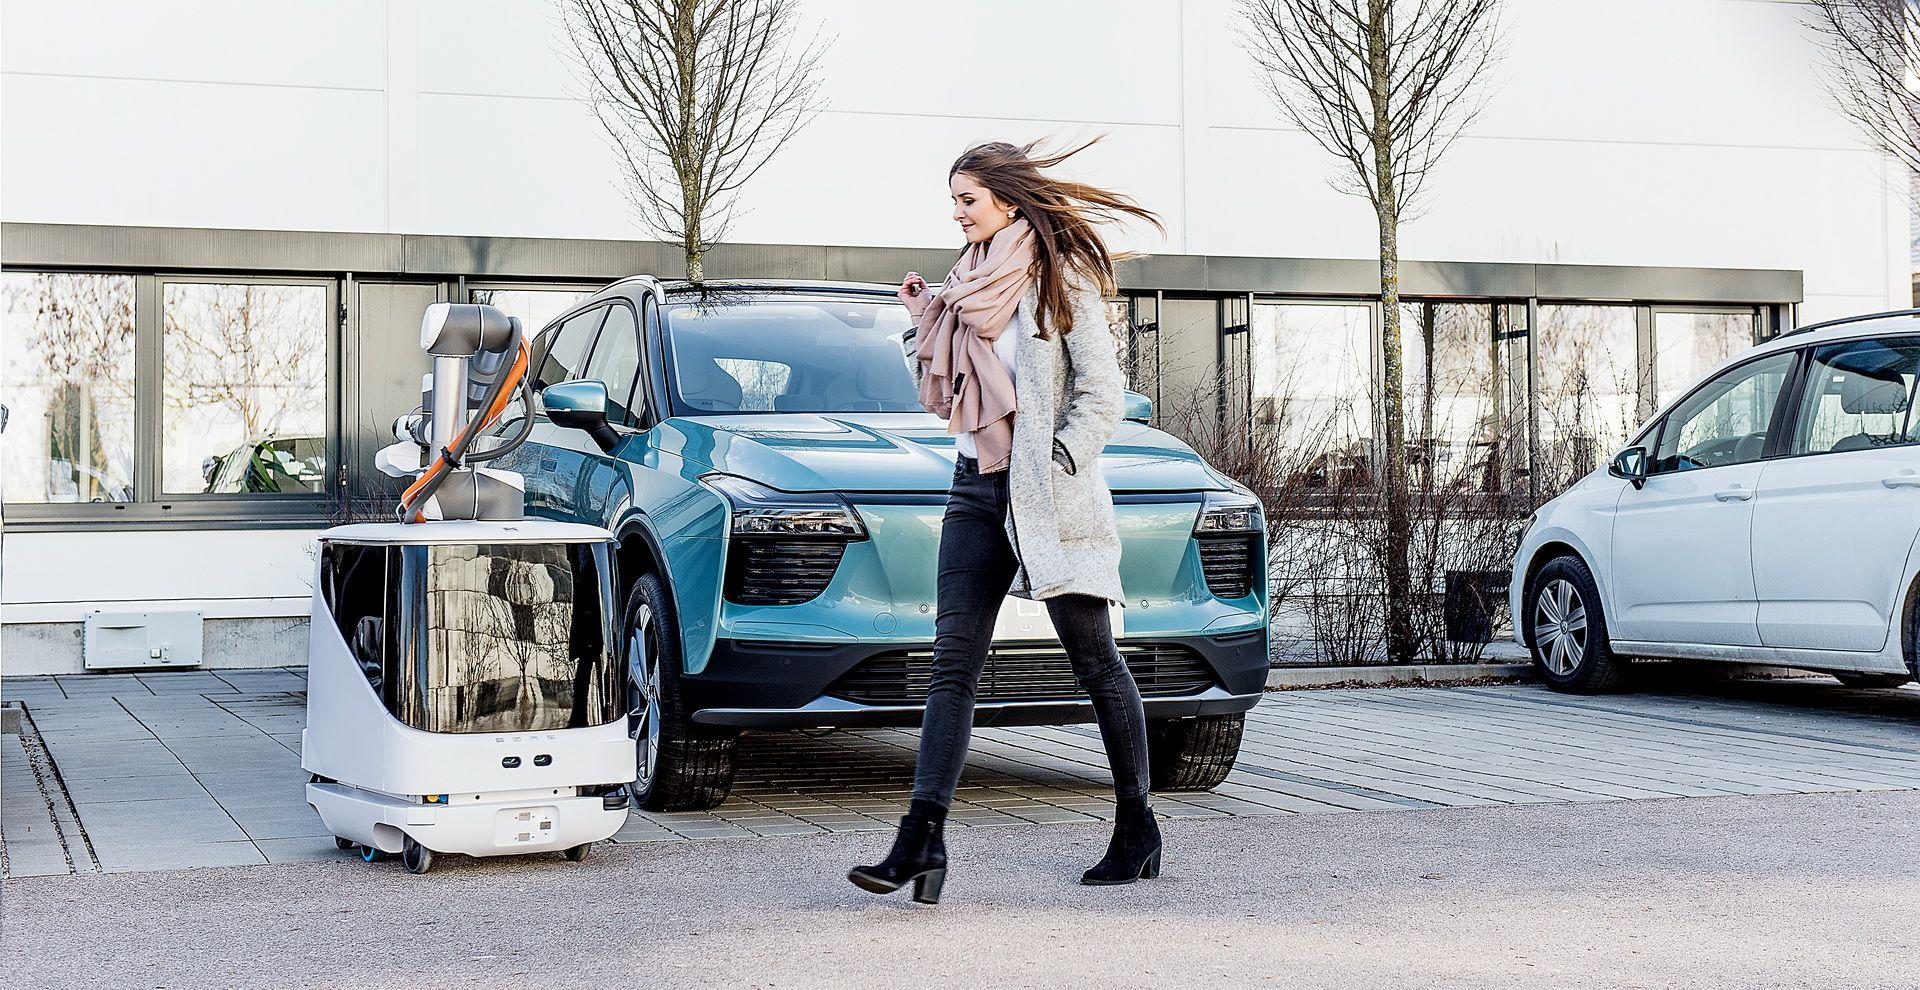 aiways-carl-autonomous-ev-charging-robot-2